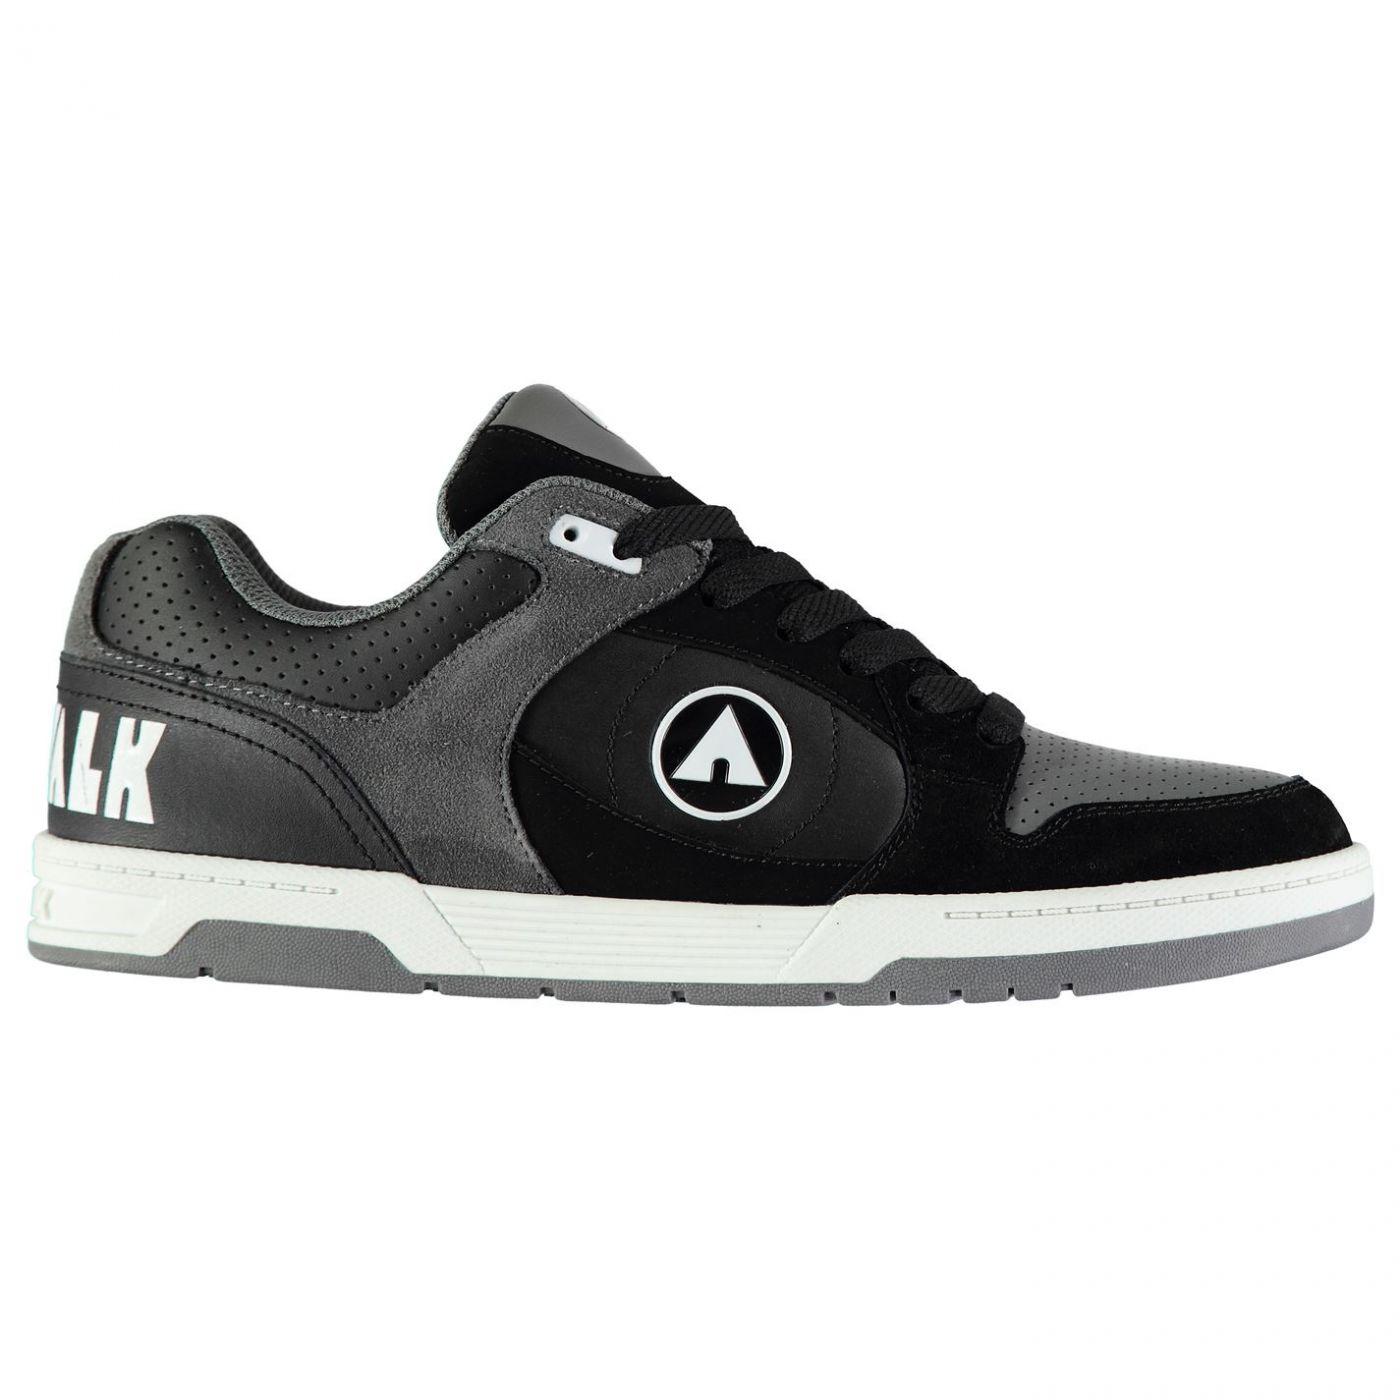 Airwalk Throttle Mens Skate Shoes